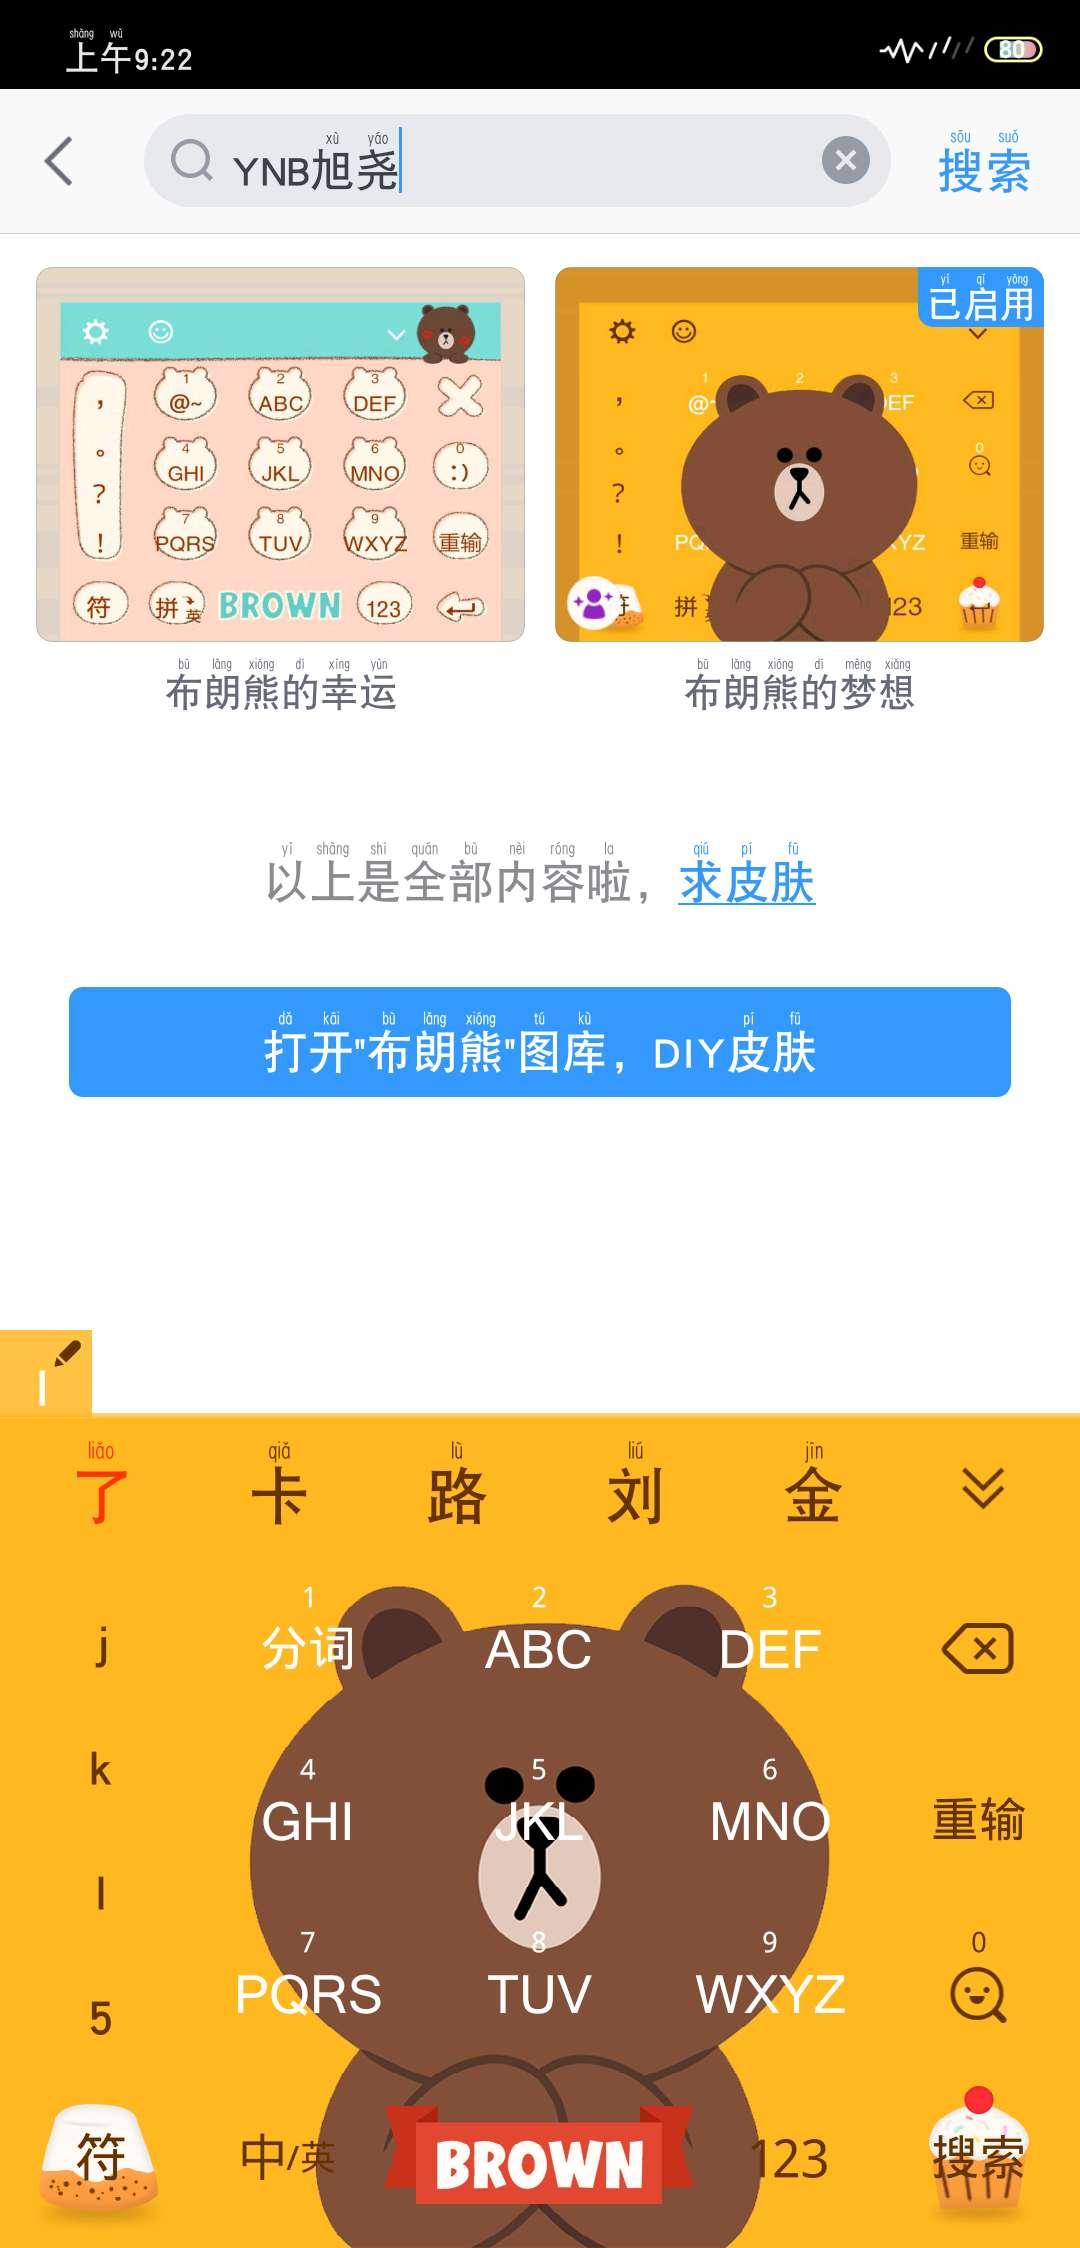 QQ输入法6.14.2 高效智能的手机输入软件